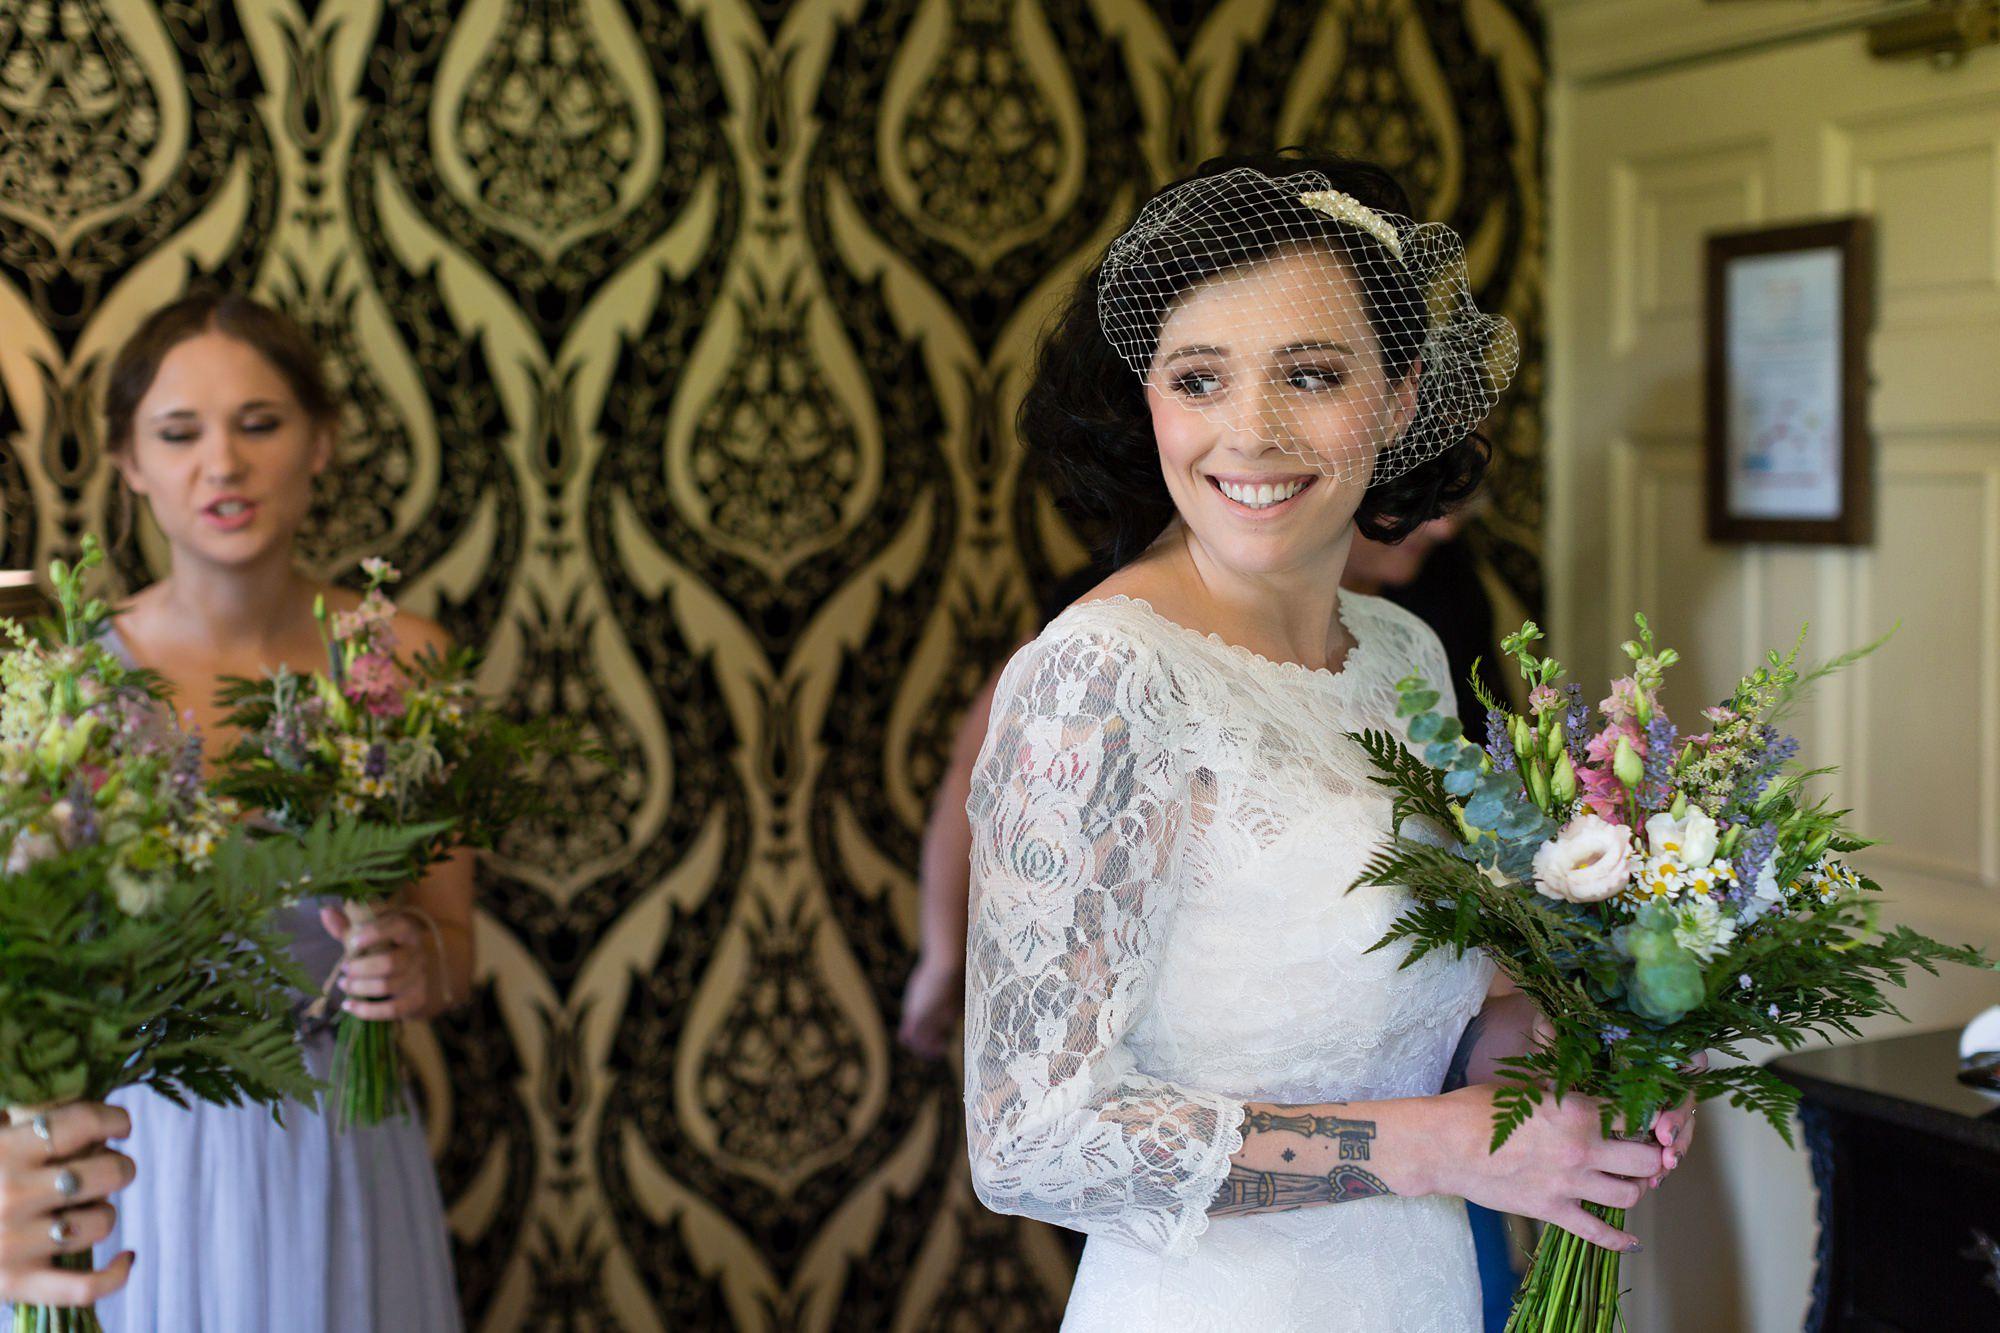 Bride smiles holding bouquet